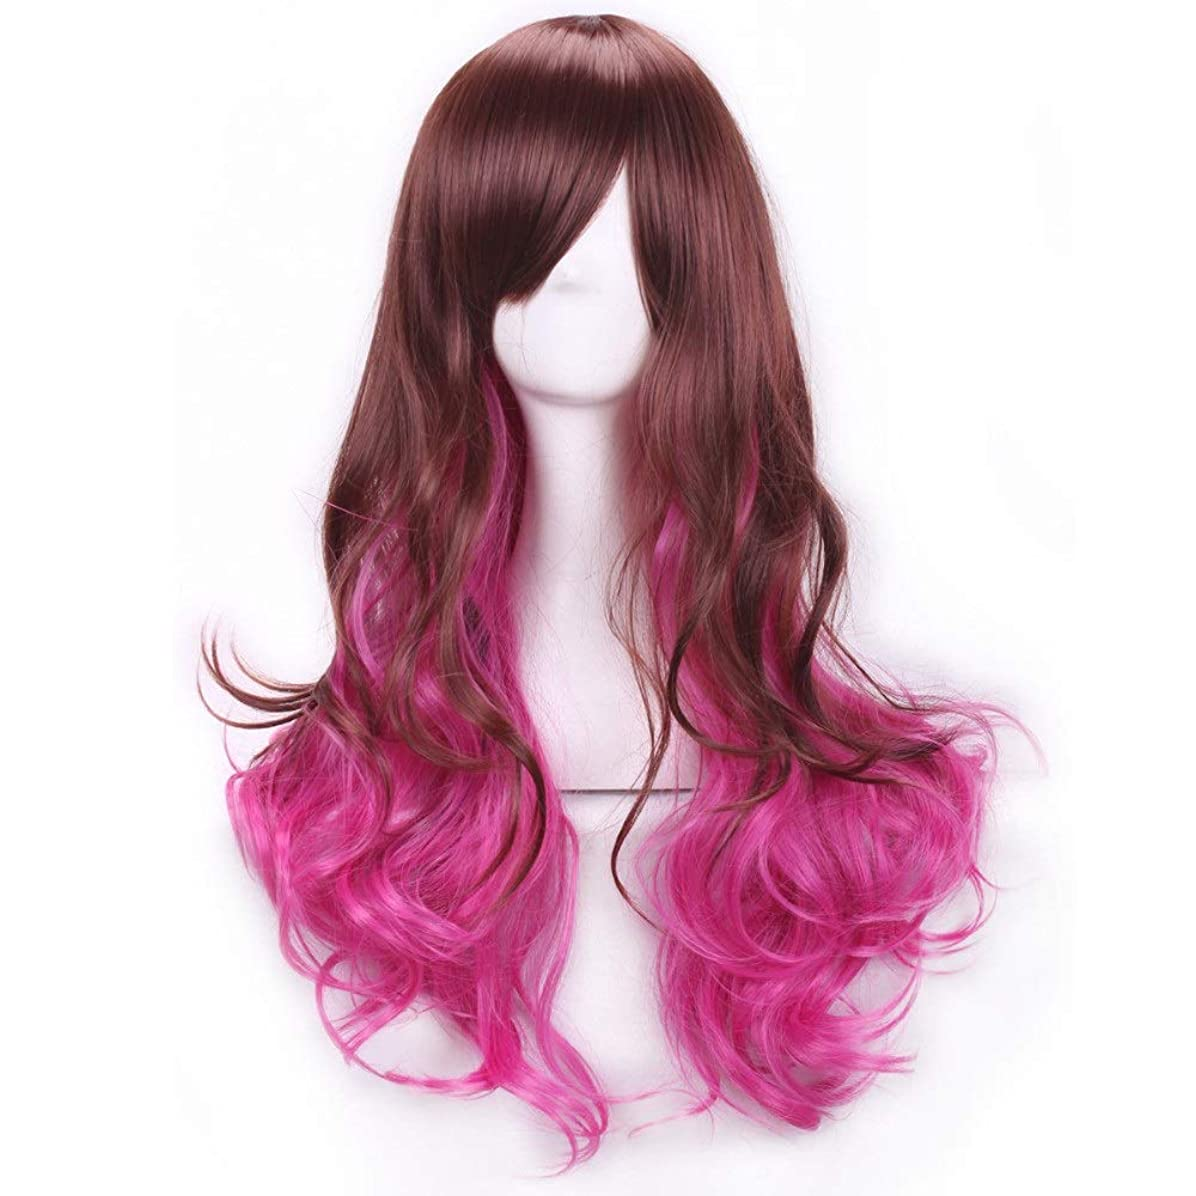 ガイドライン修羅場グラフィックかつらキャップでかつらファンシードレスカールかつら女性用高品質合成毛髪コスプレ高密度かつら女性&女の子用ブラウン、ピンク、パープル (Color : ピンク)